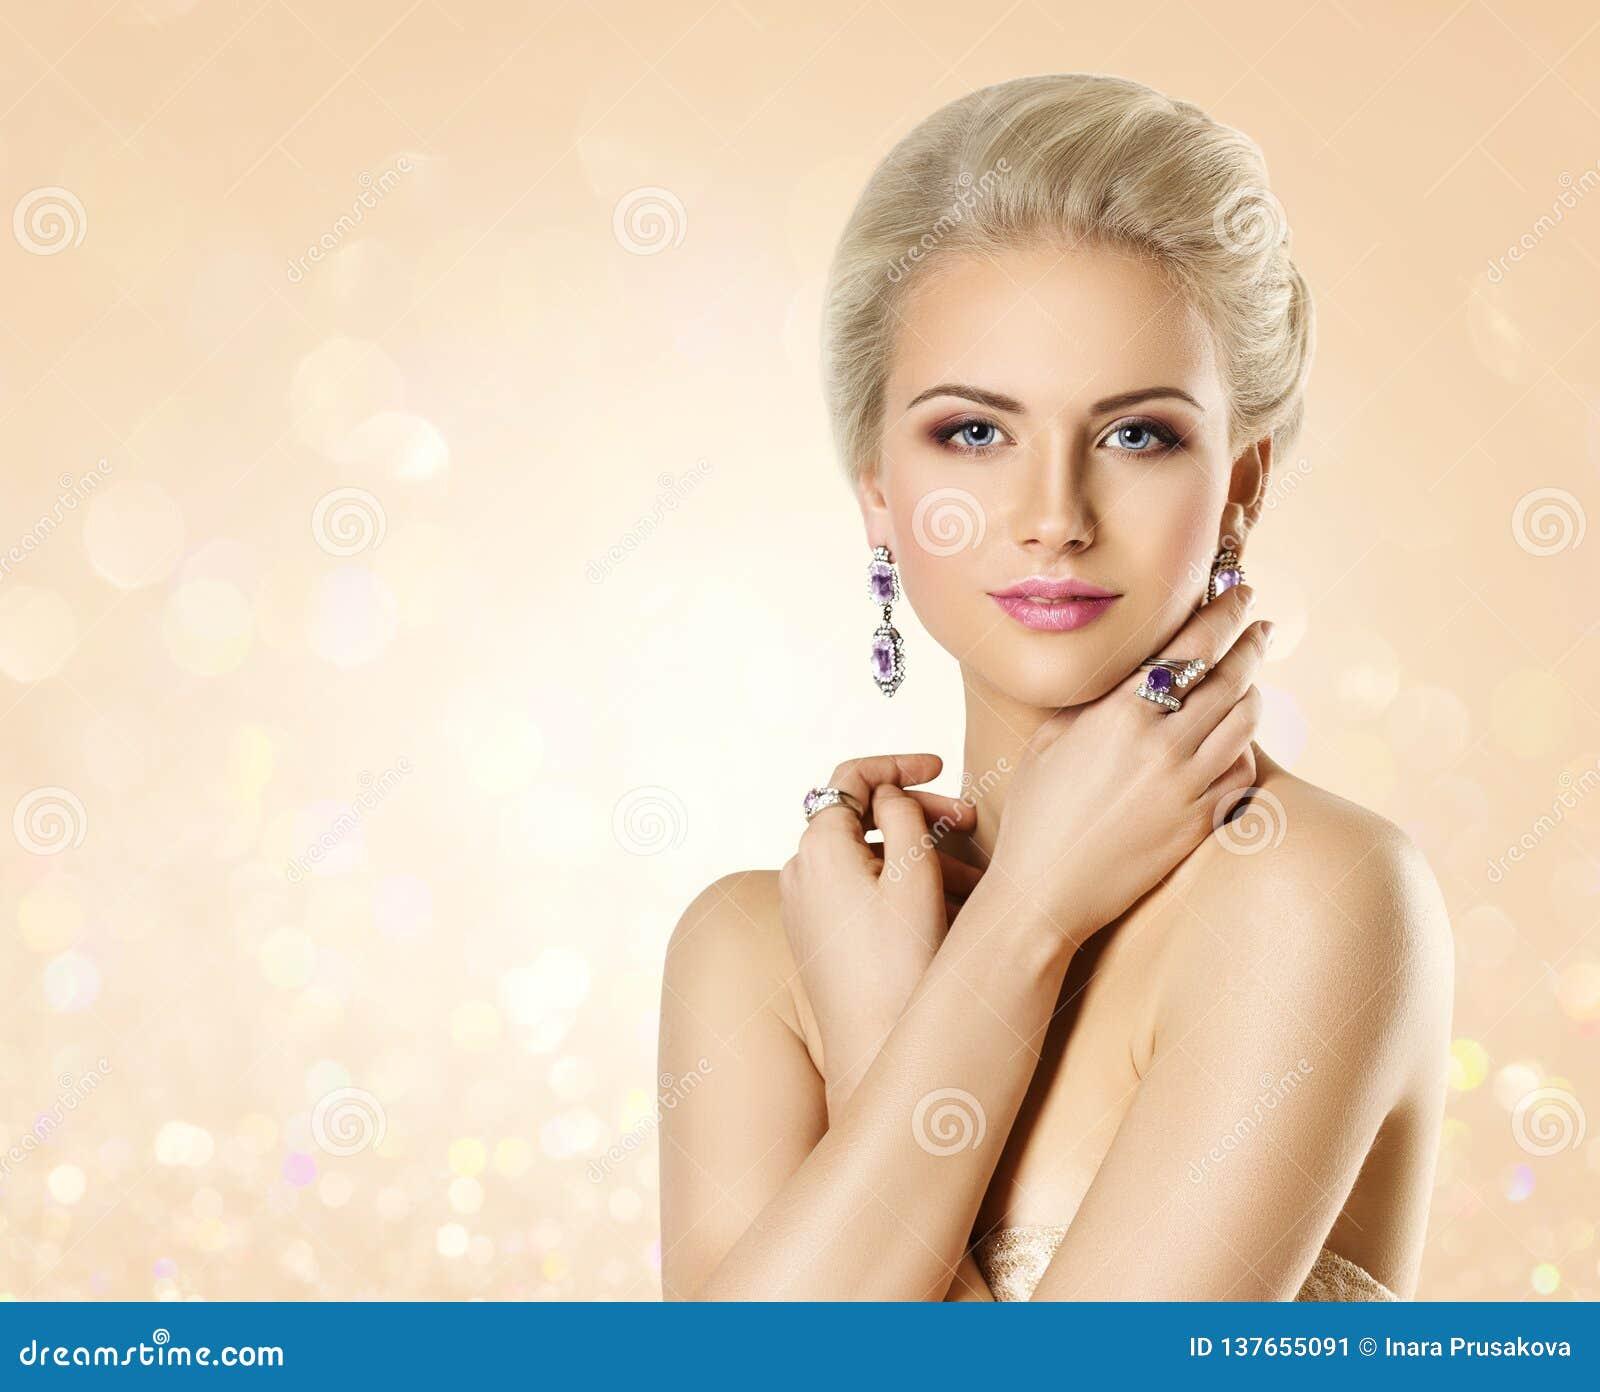 Modelo de forma Beauty Portrait, mulher elegante com joia, composição bonita